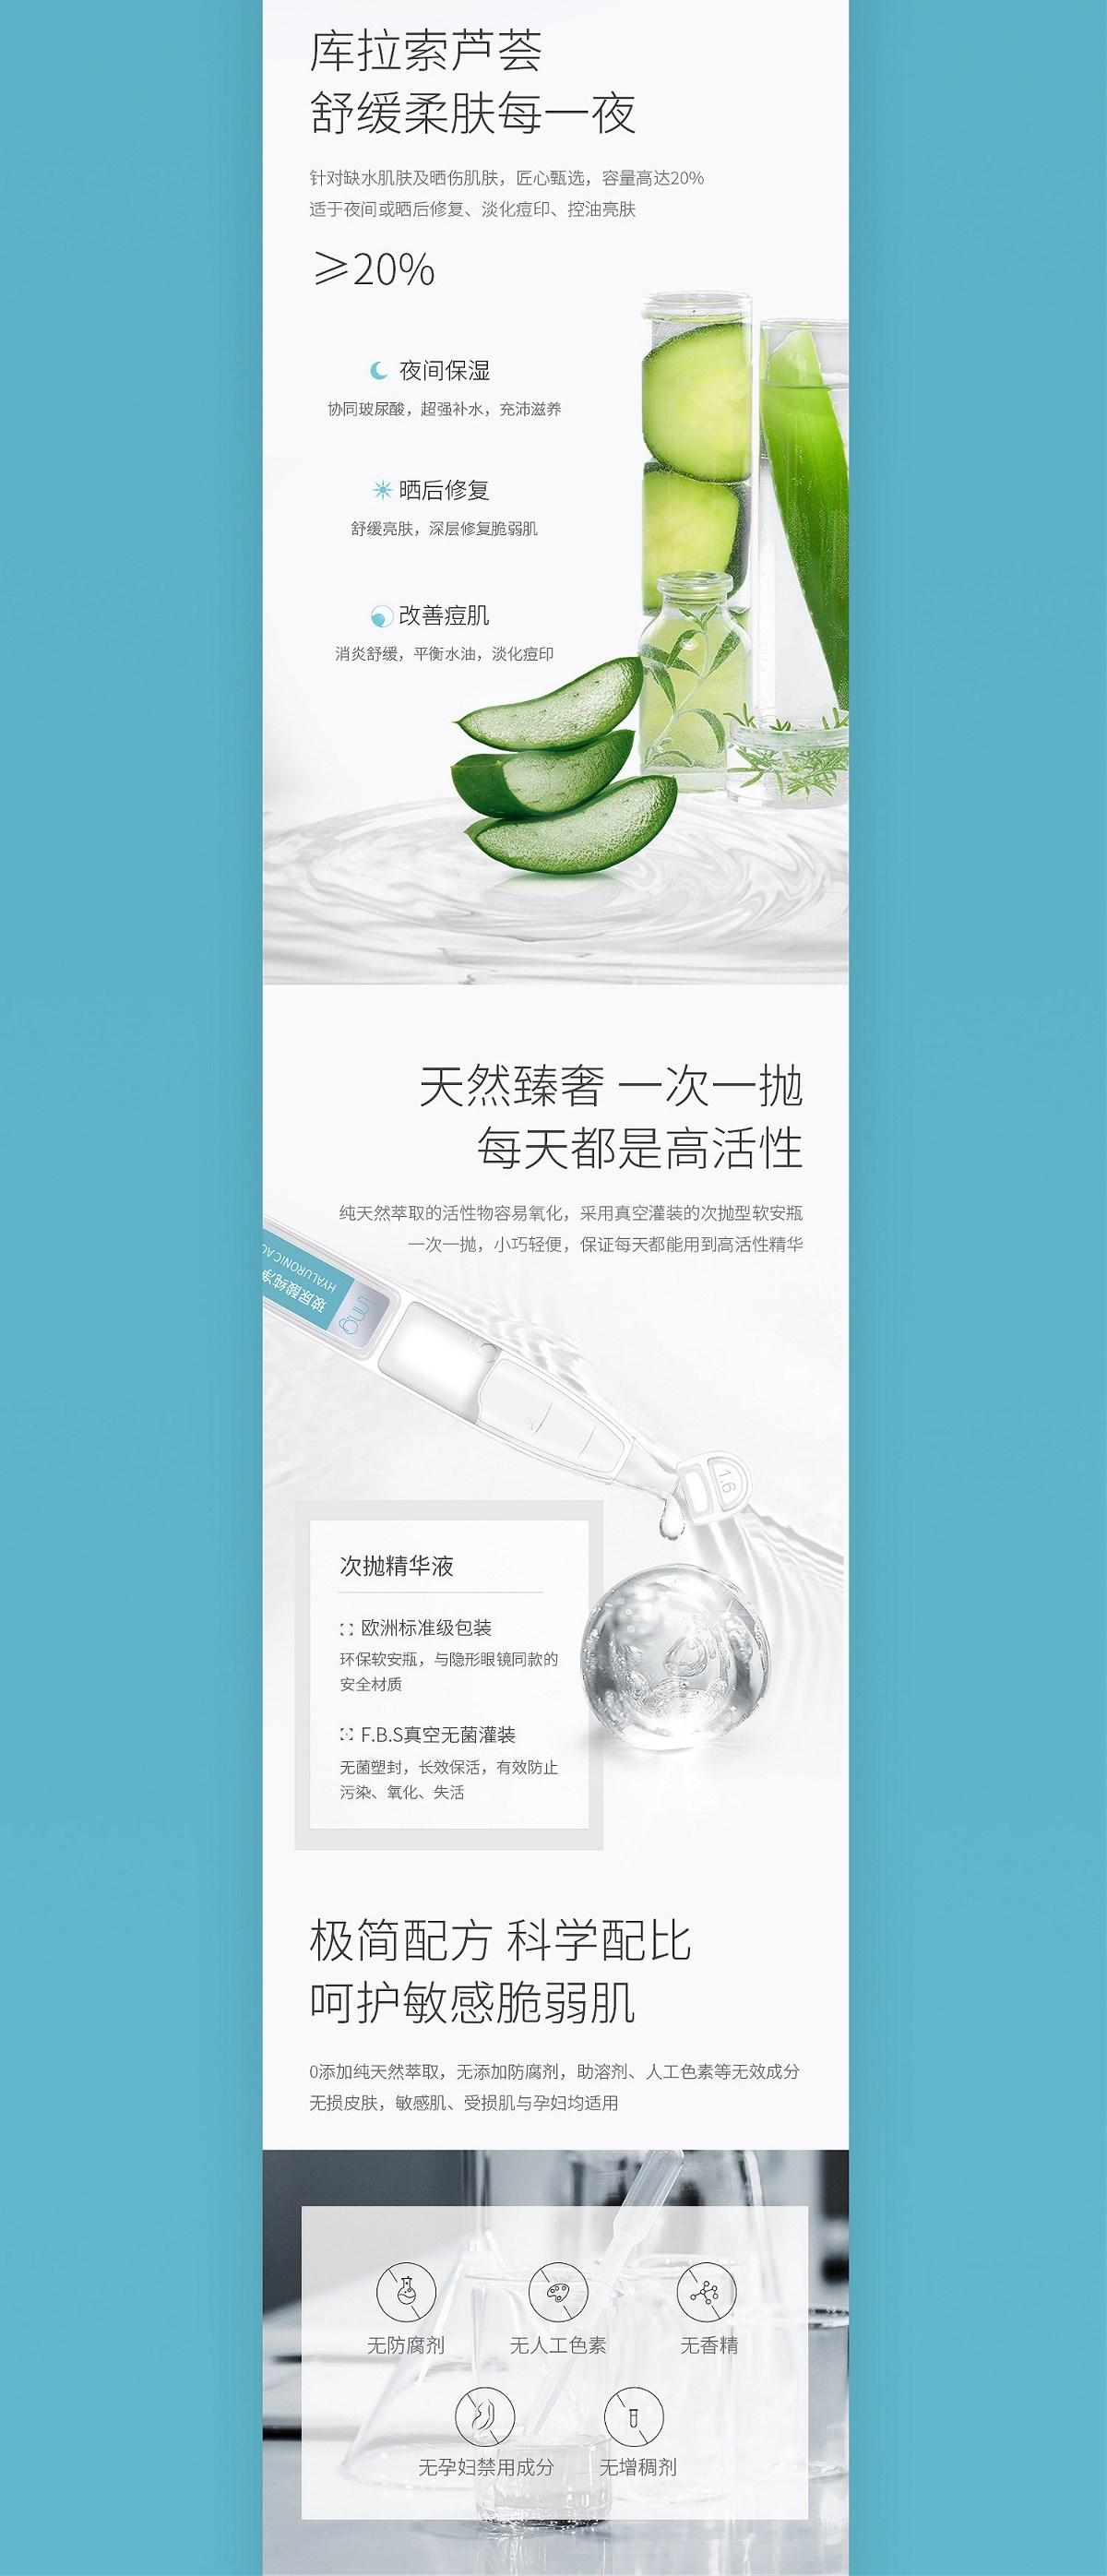 |成功案例|IMG医美护肤品品牌电商设计